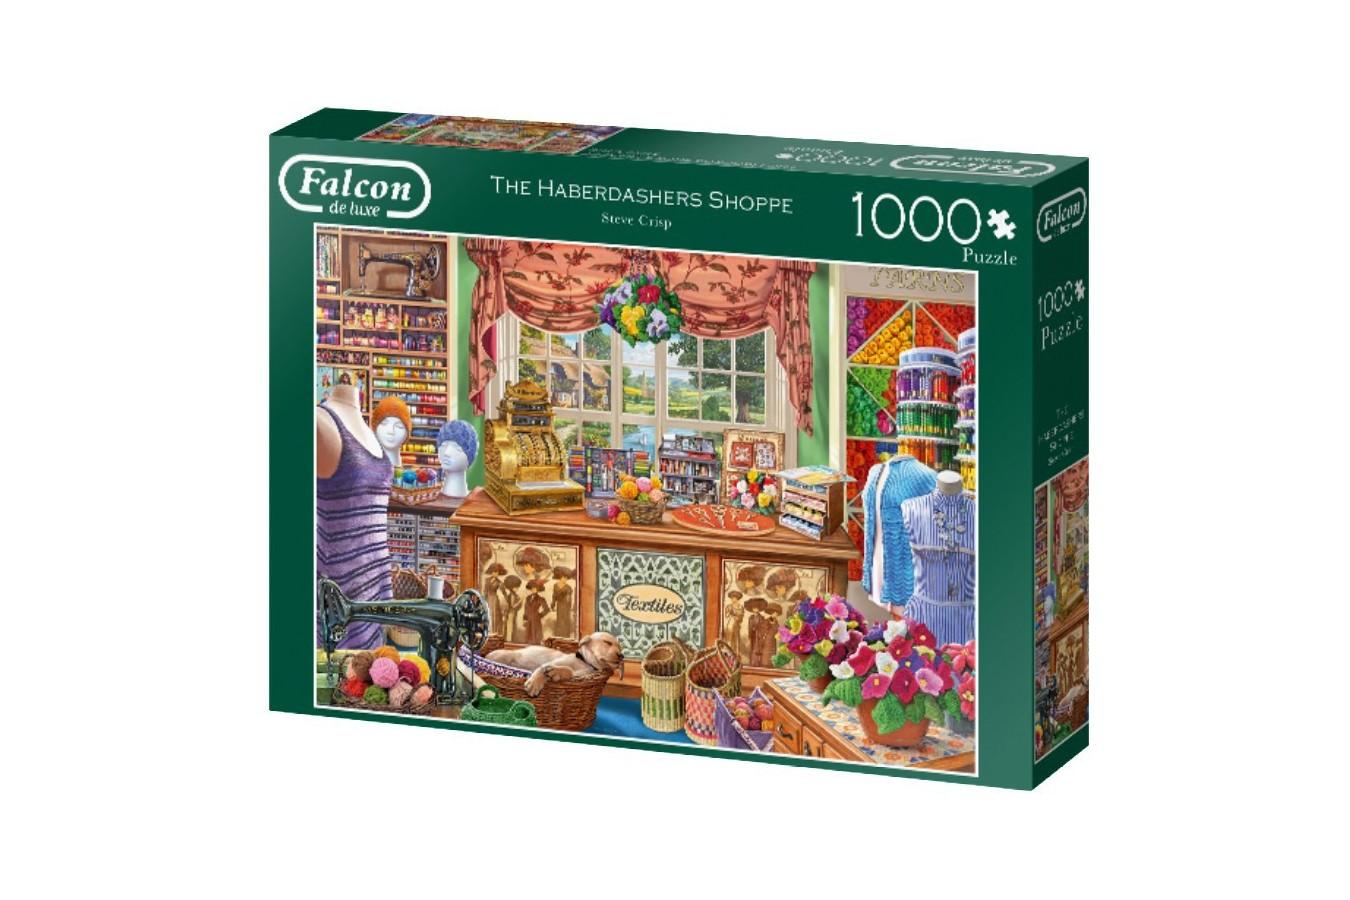 Puzzle Falcon - The Haberdashers Shoppe, 1.000 piese (Jumbo-11256) imagine